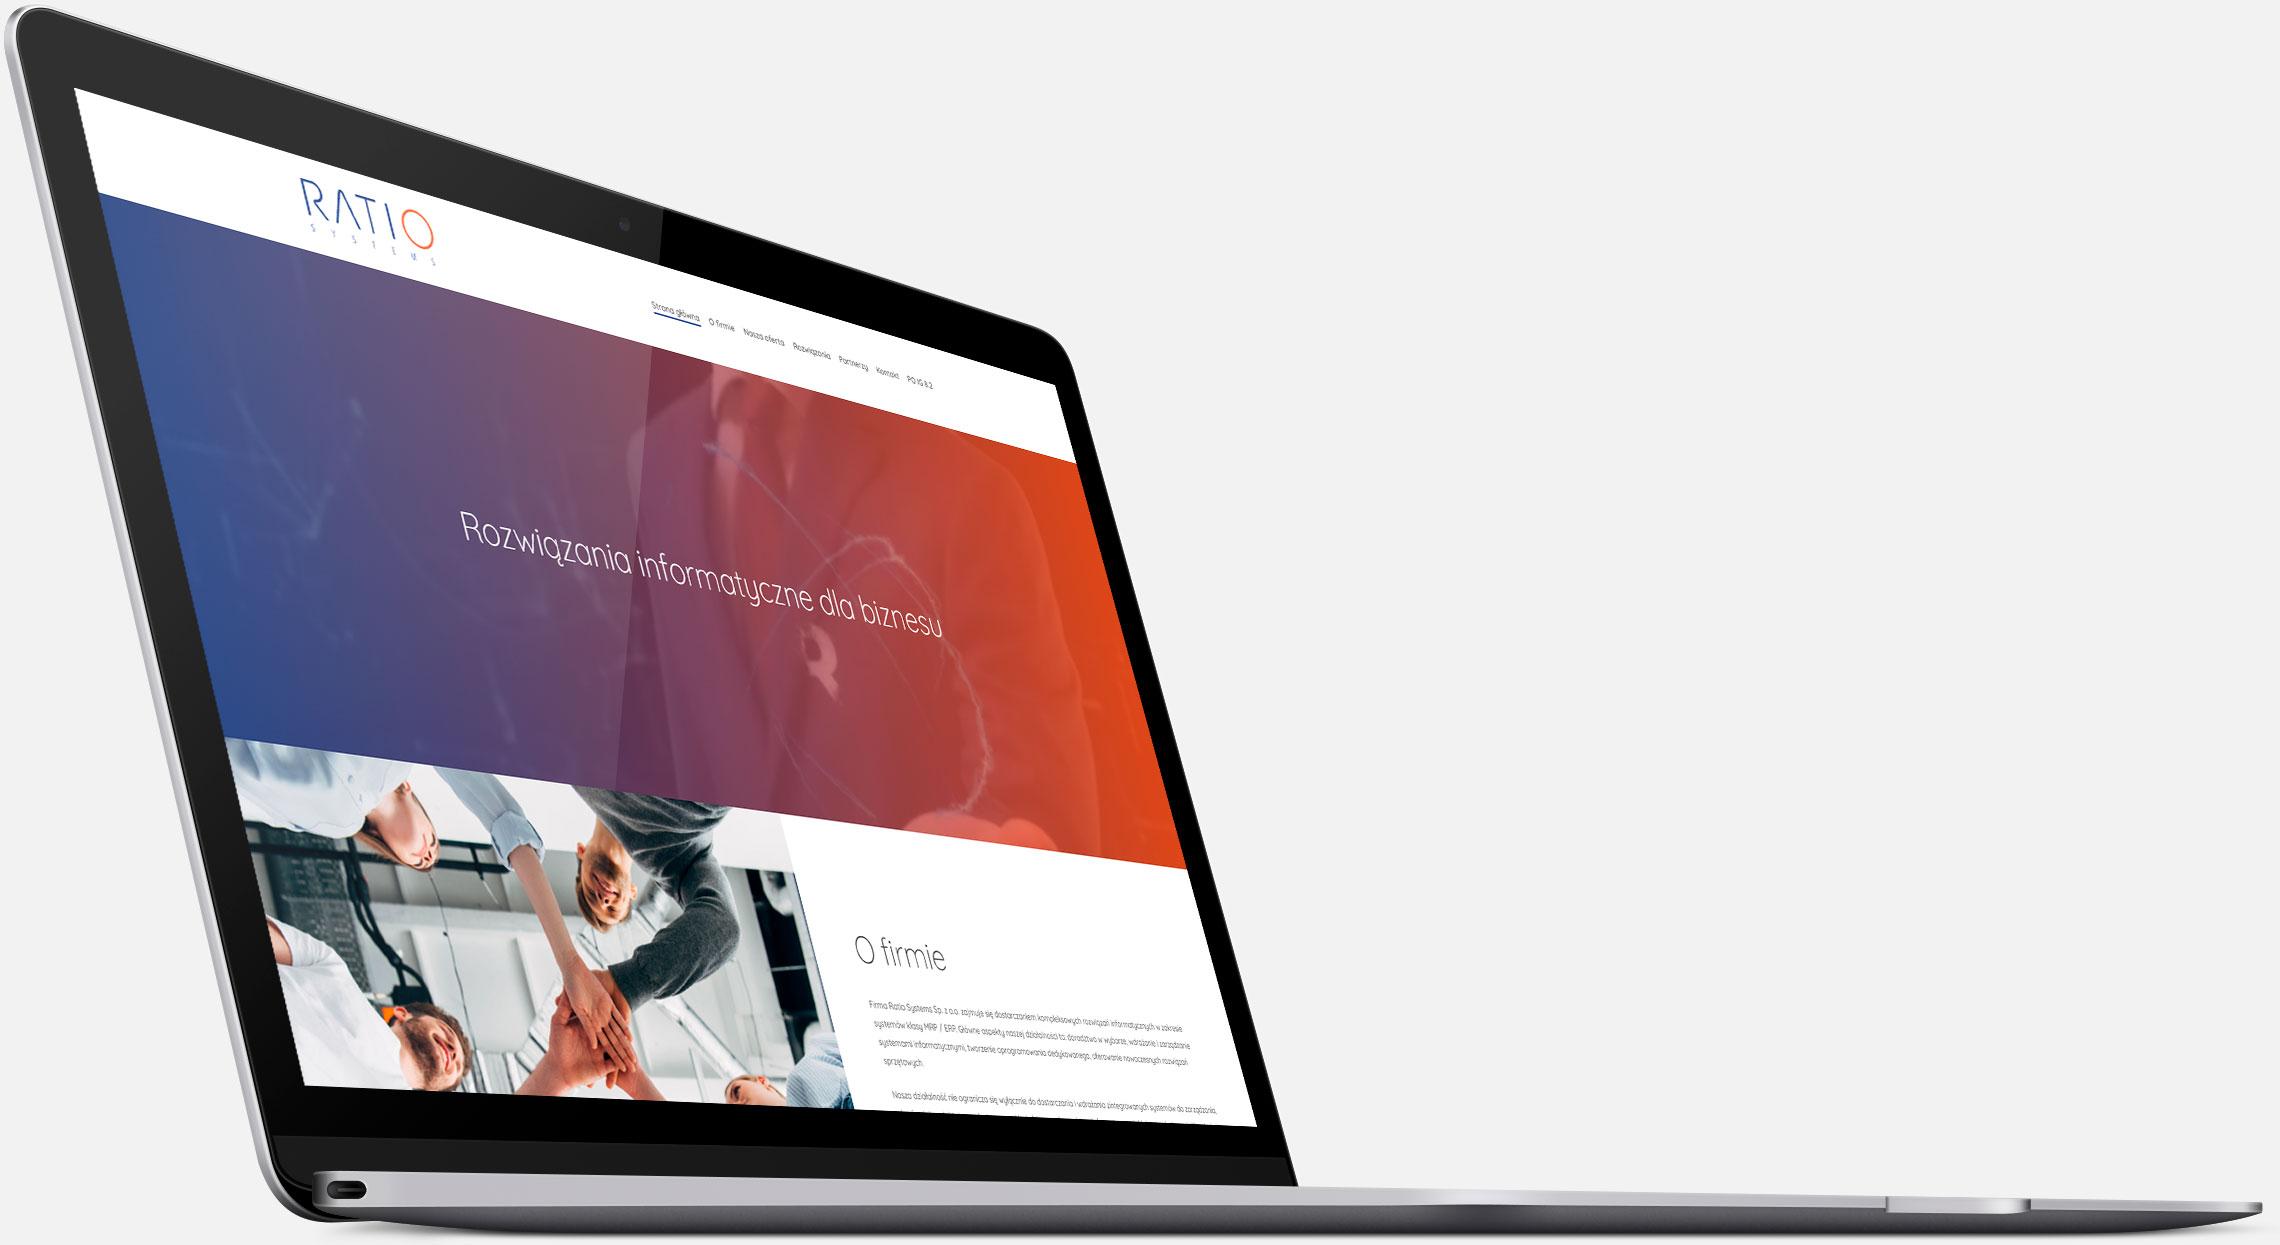 Strona internetowa Ratio Systems wwersji naurządzenia desktopowe